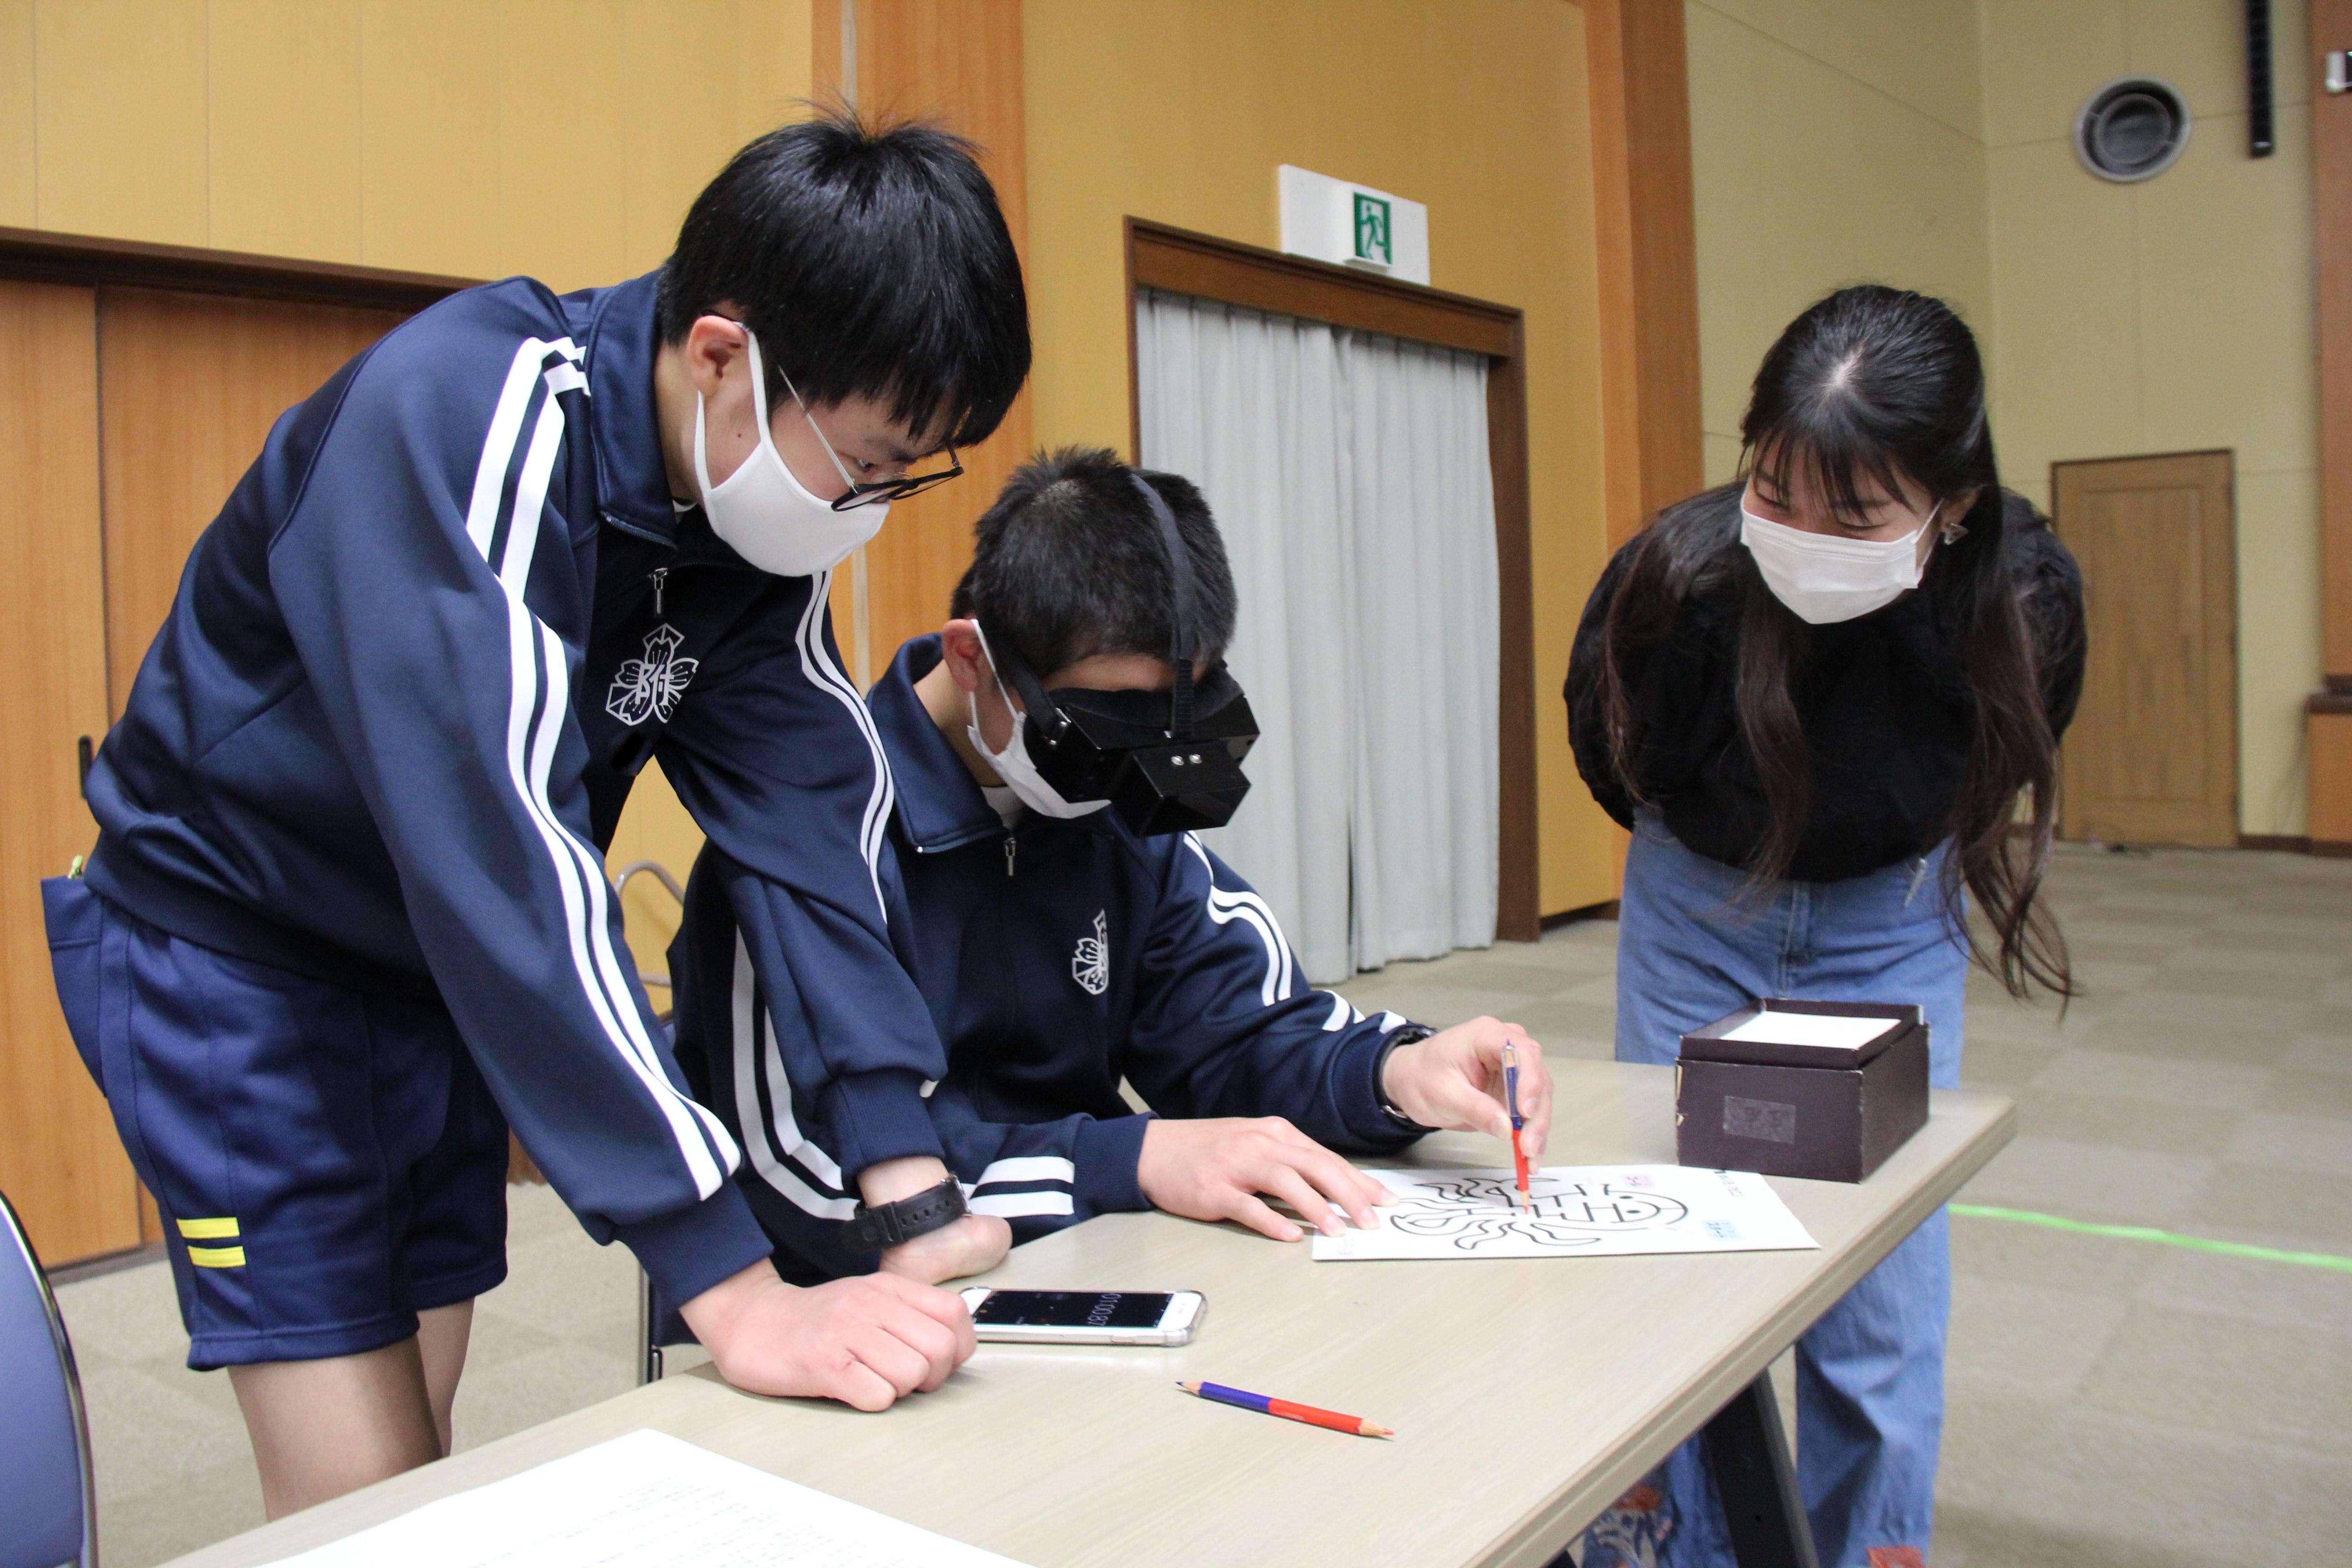 トップ > 新着情報 > 鳥取大学附属中学校3年生が修学旅行(体験実習)で医学部を訪れました03